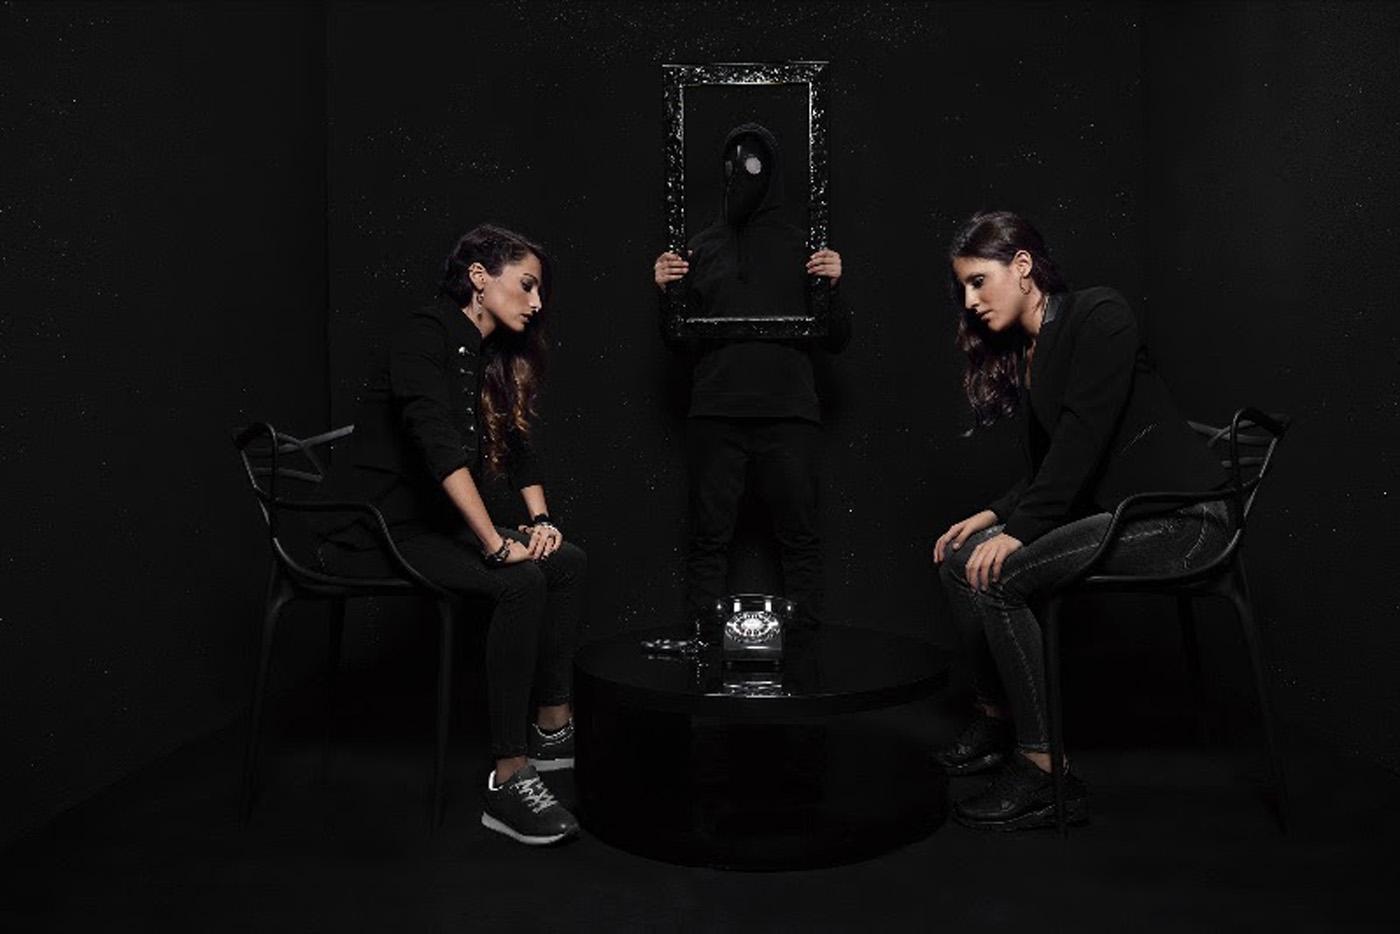 """Nuevo single y videoclip de Pupil·les, """"Báilatelo sola"""""""